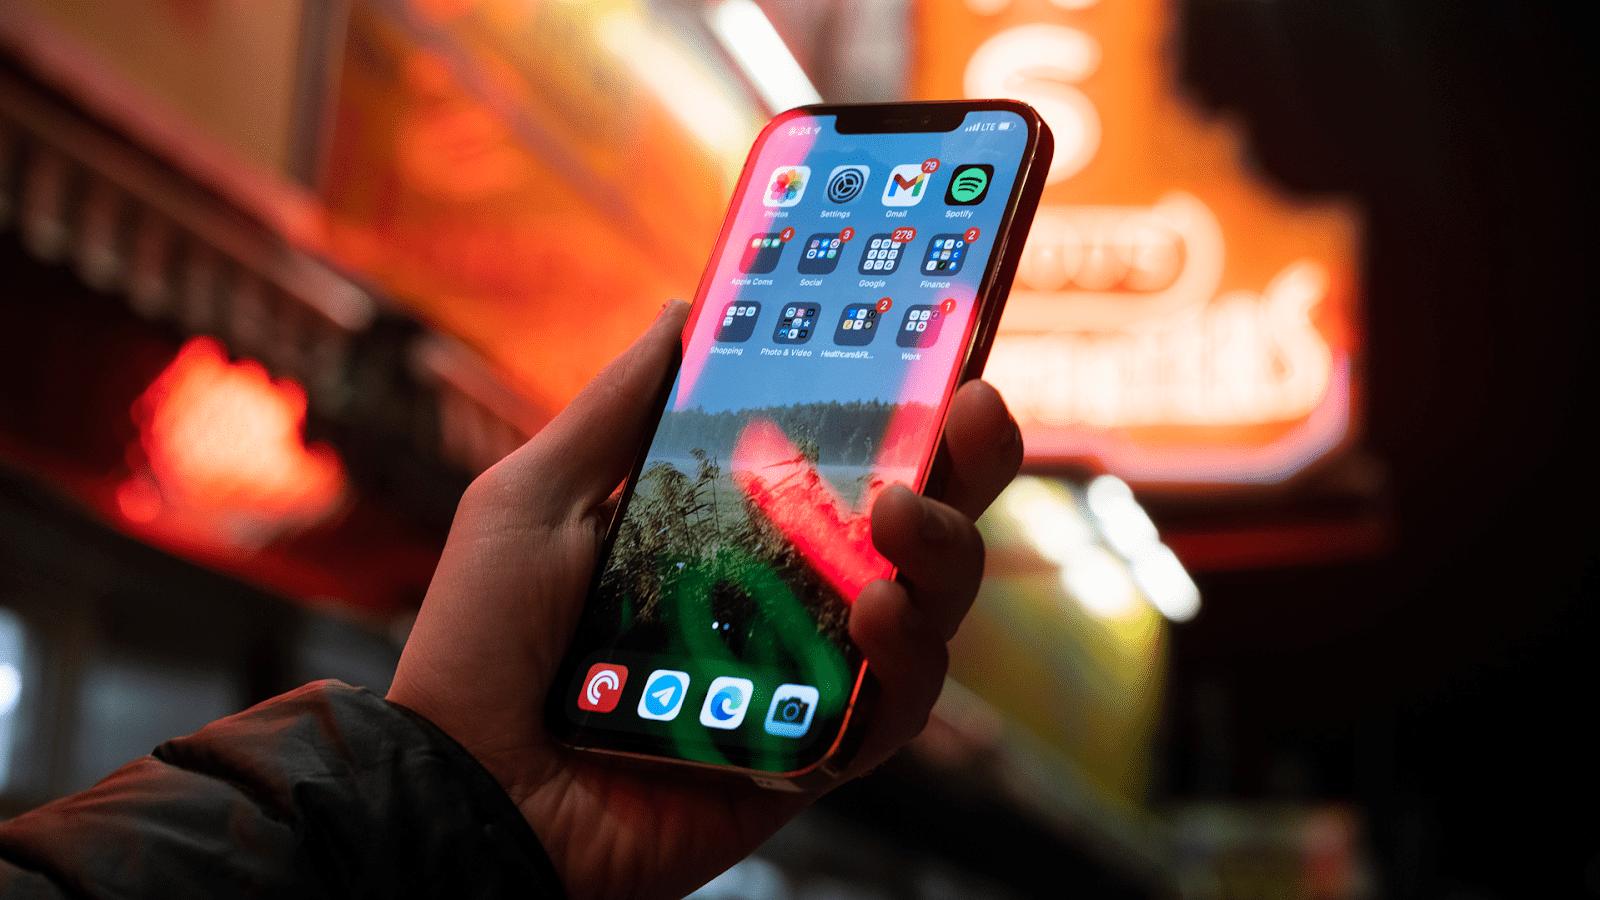 Tuỳ vào sở thích, nhu cầu mà bạn lựa chọn nâng cấp lên iPhone 12 hay không